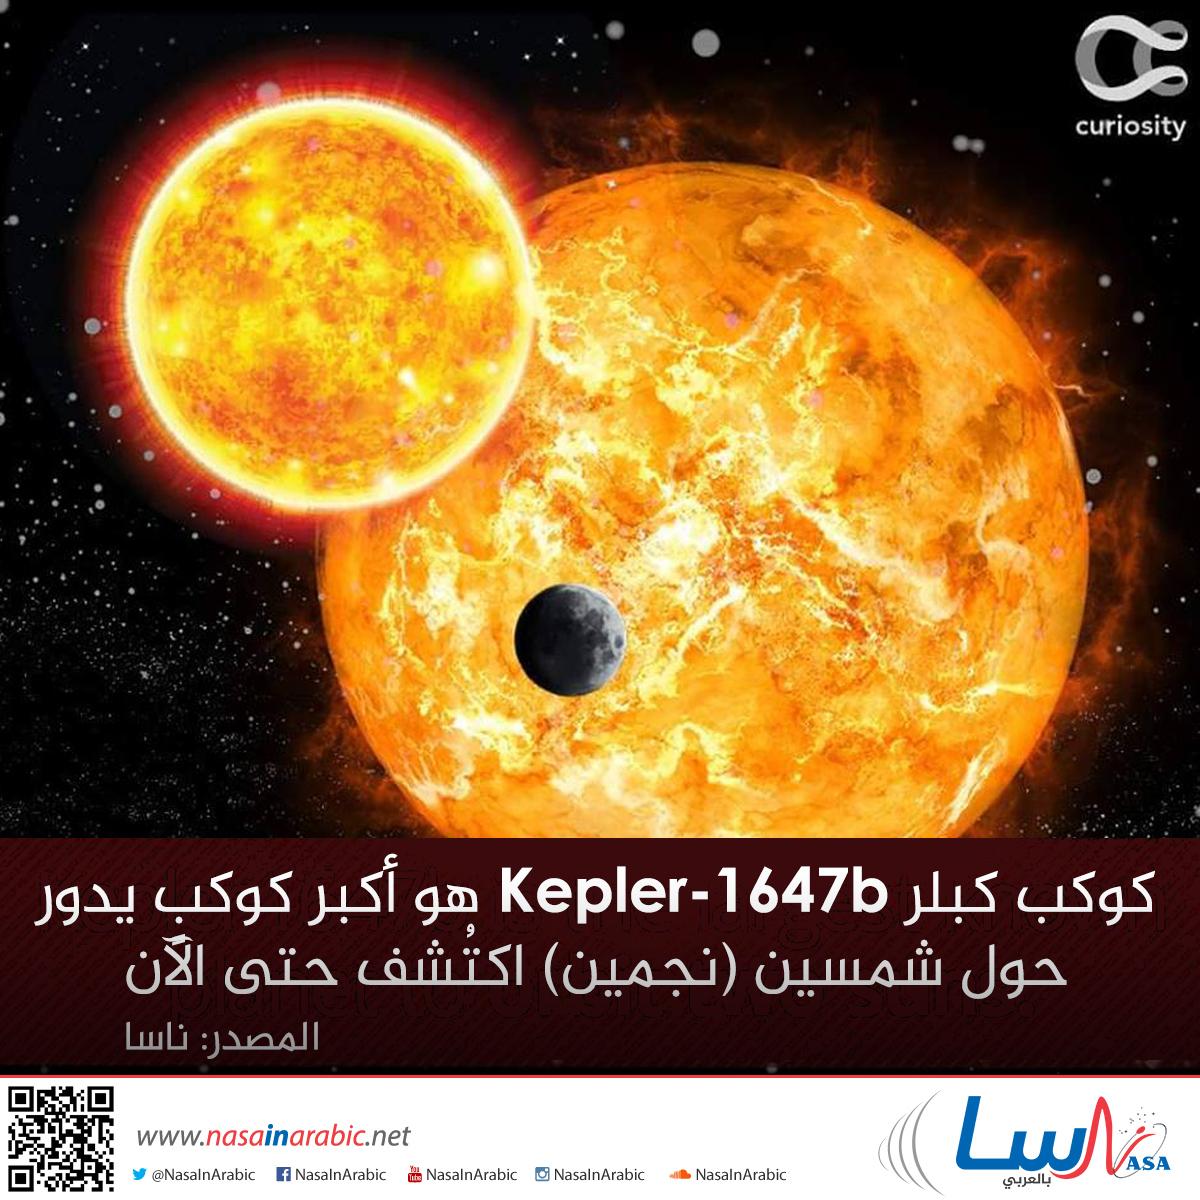 أكبر كوكب يدور حول شمسين